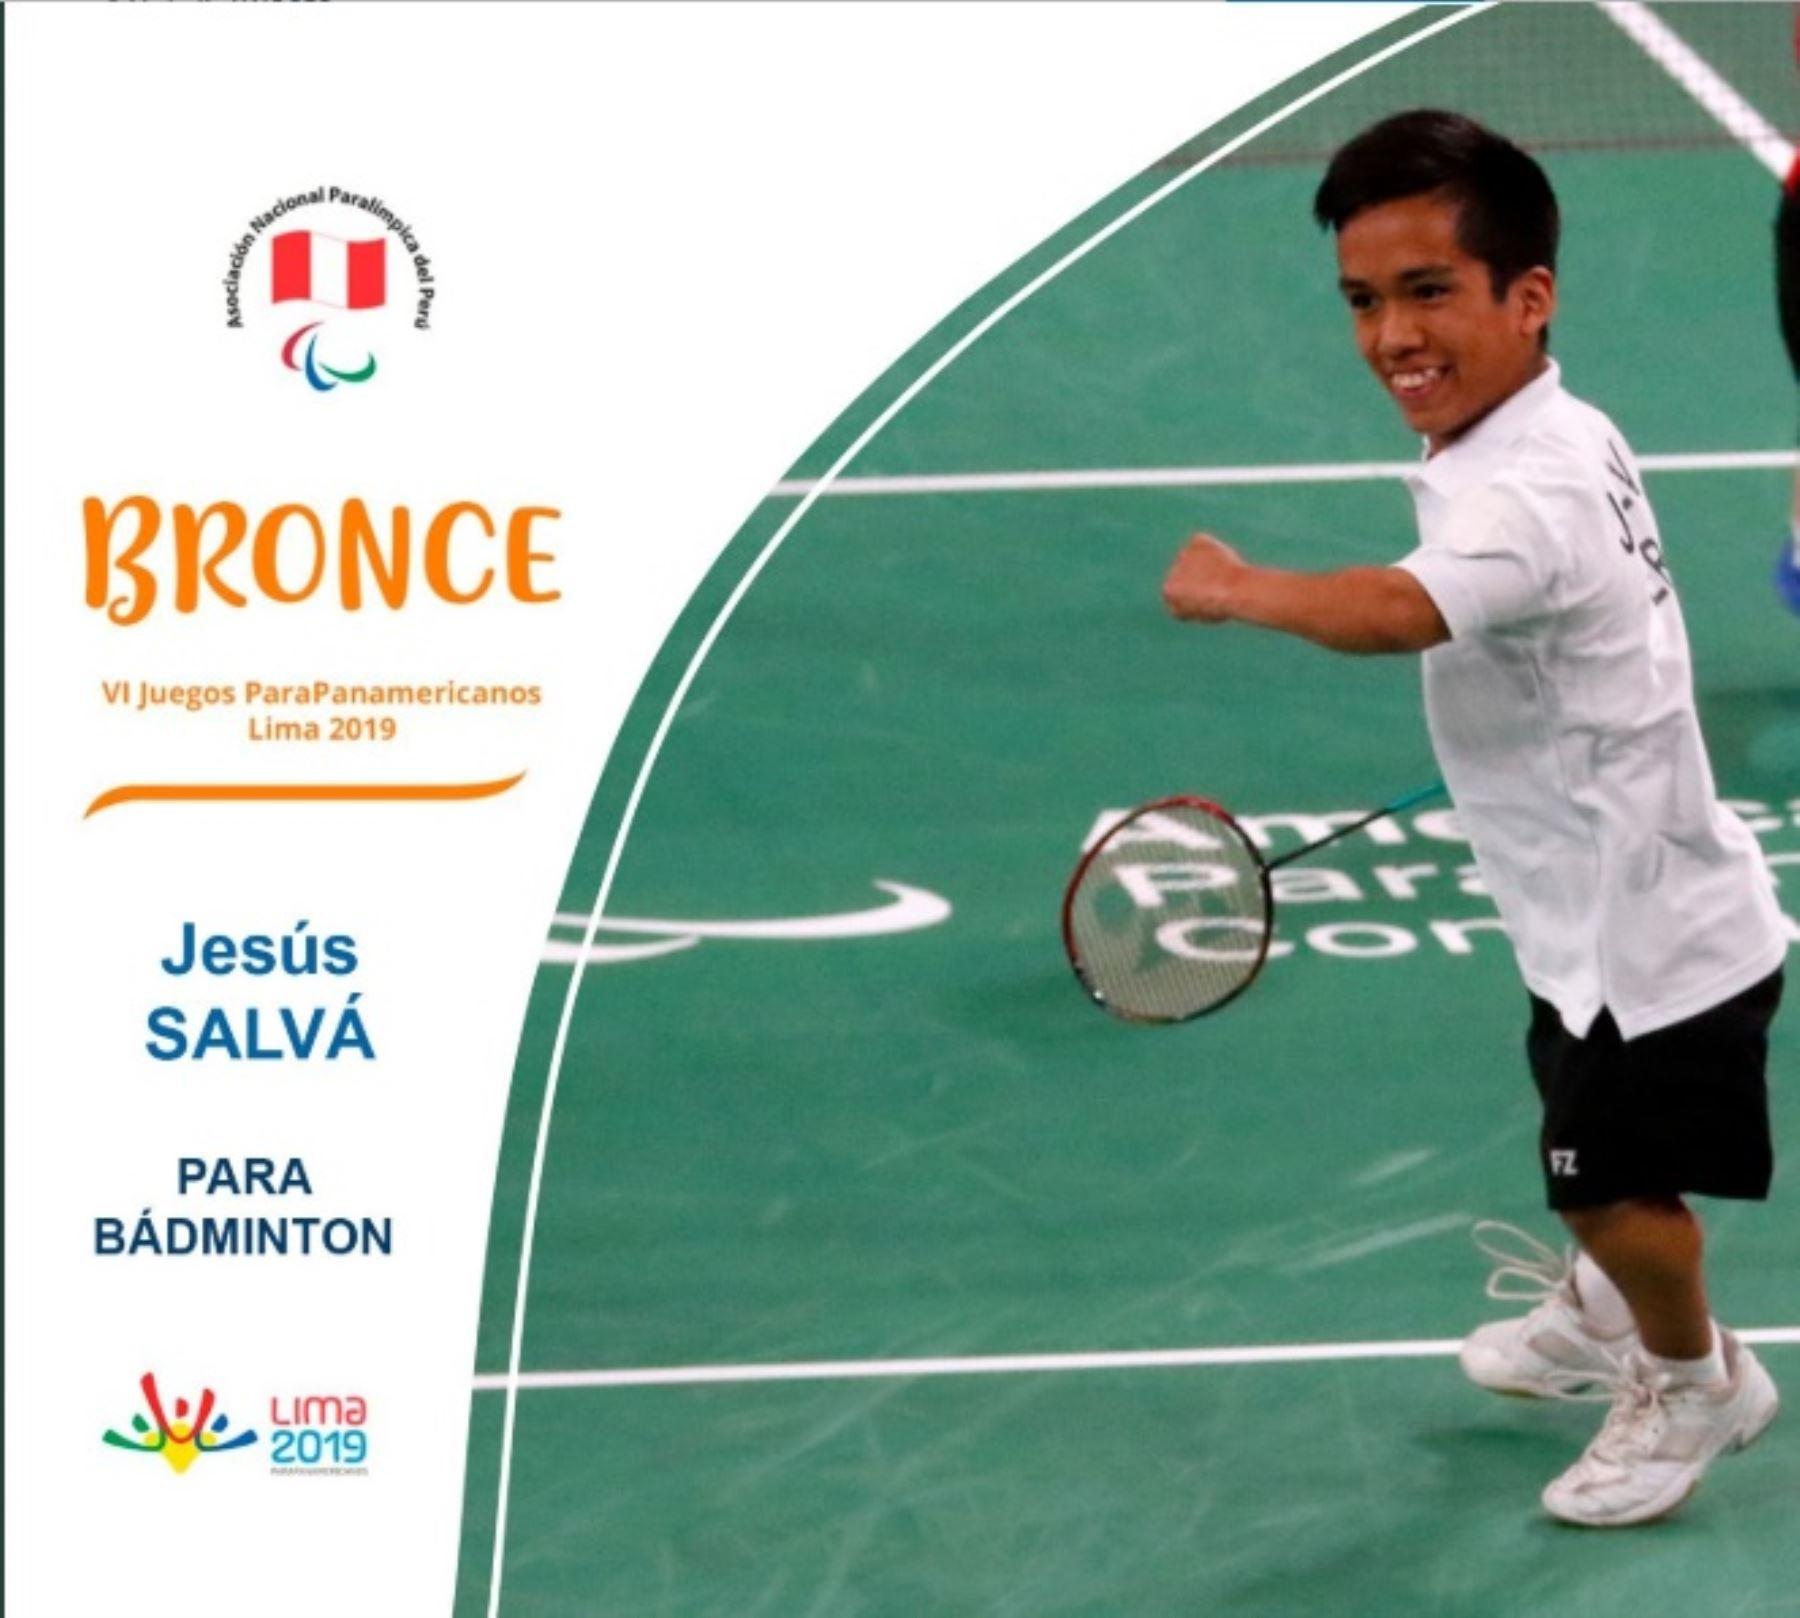 Jesús Salvá gana medalla de bronce en parabádminton en Juegos Parapanamericanos Lima 2019.